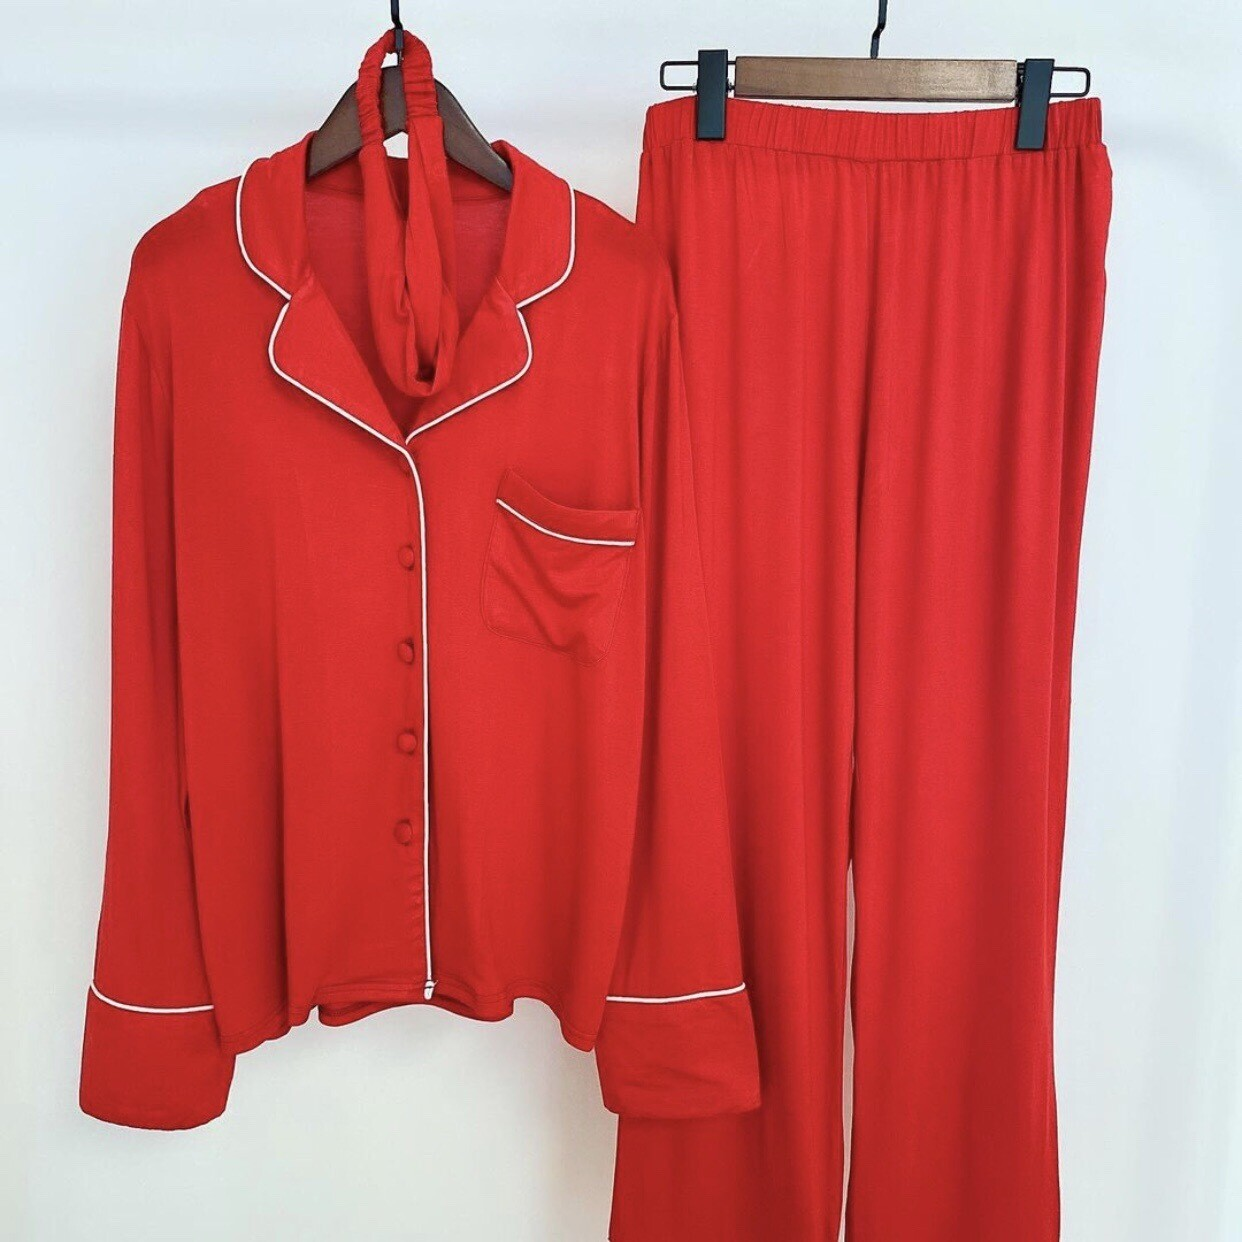 Luxury Red Three Piece Pyjamas